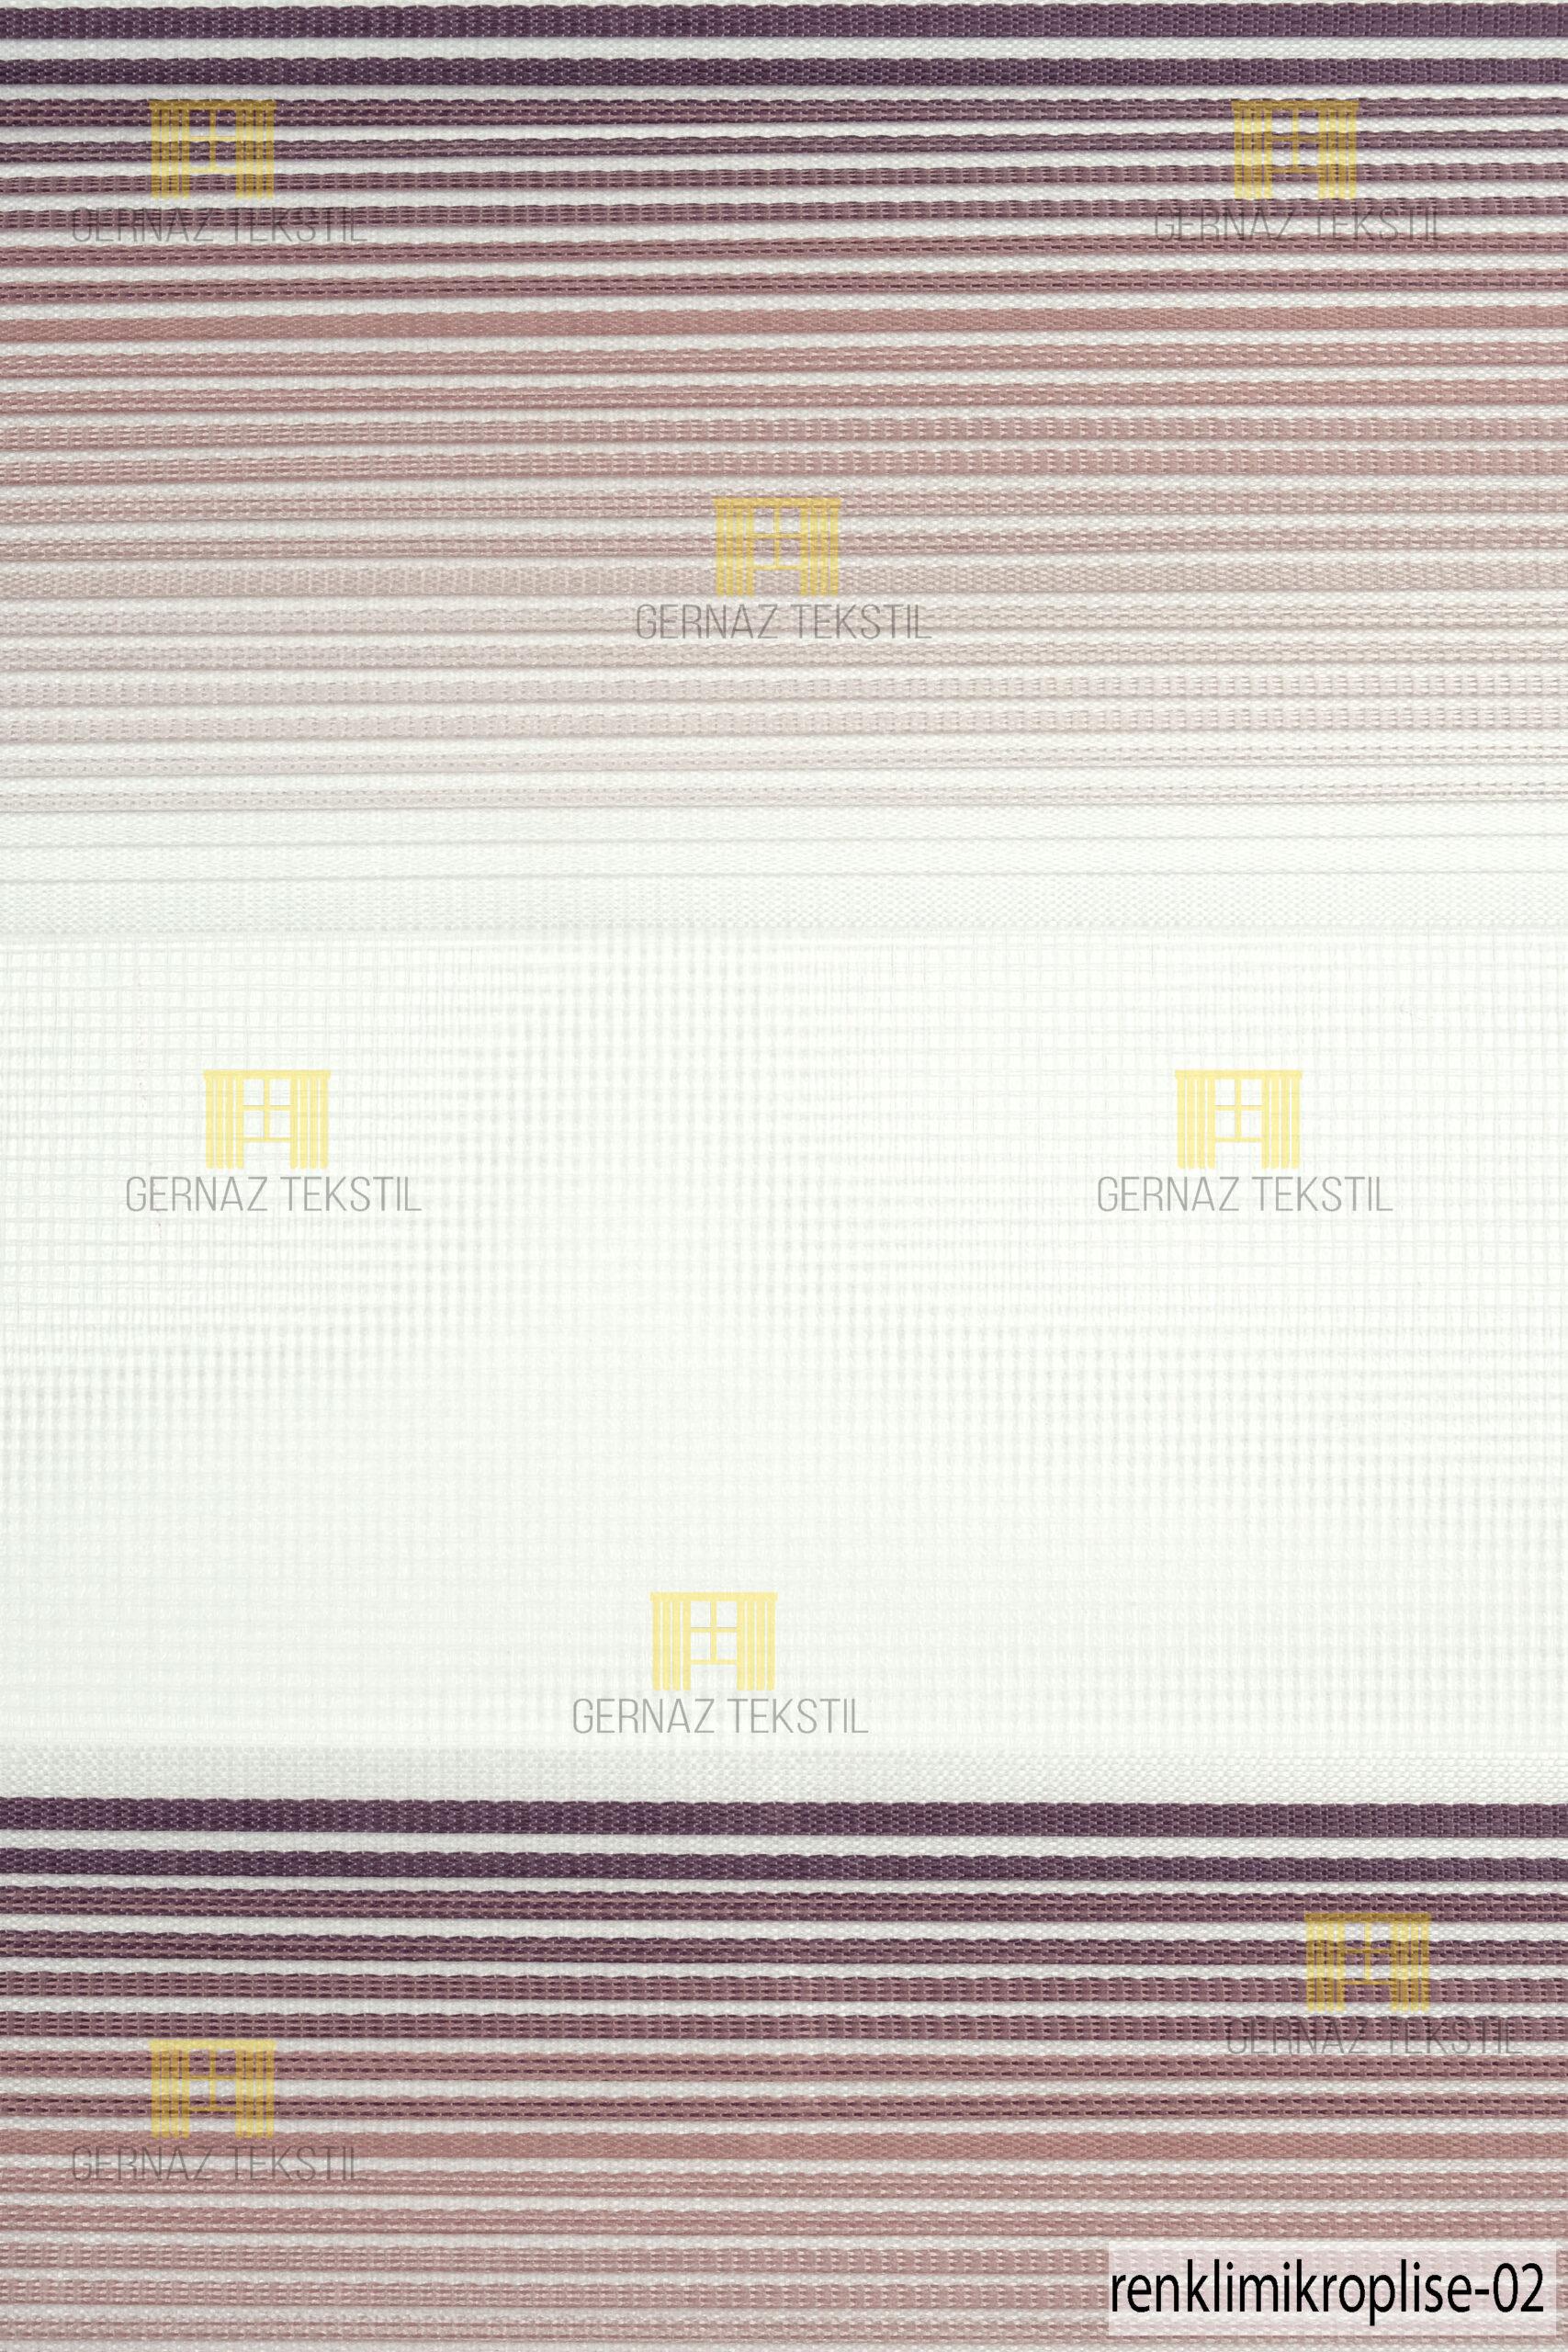 renklimikroplise-02